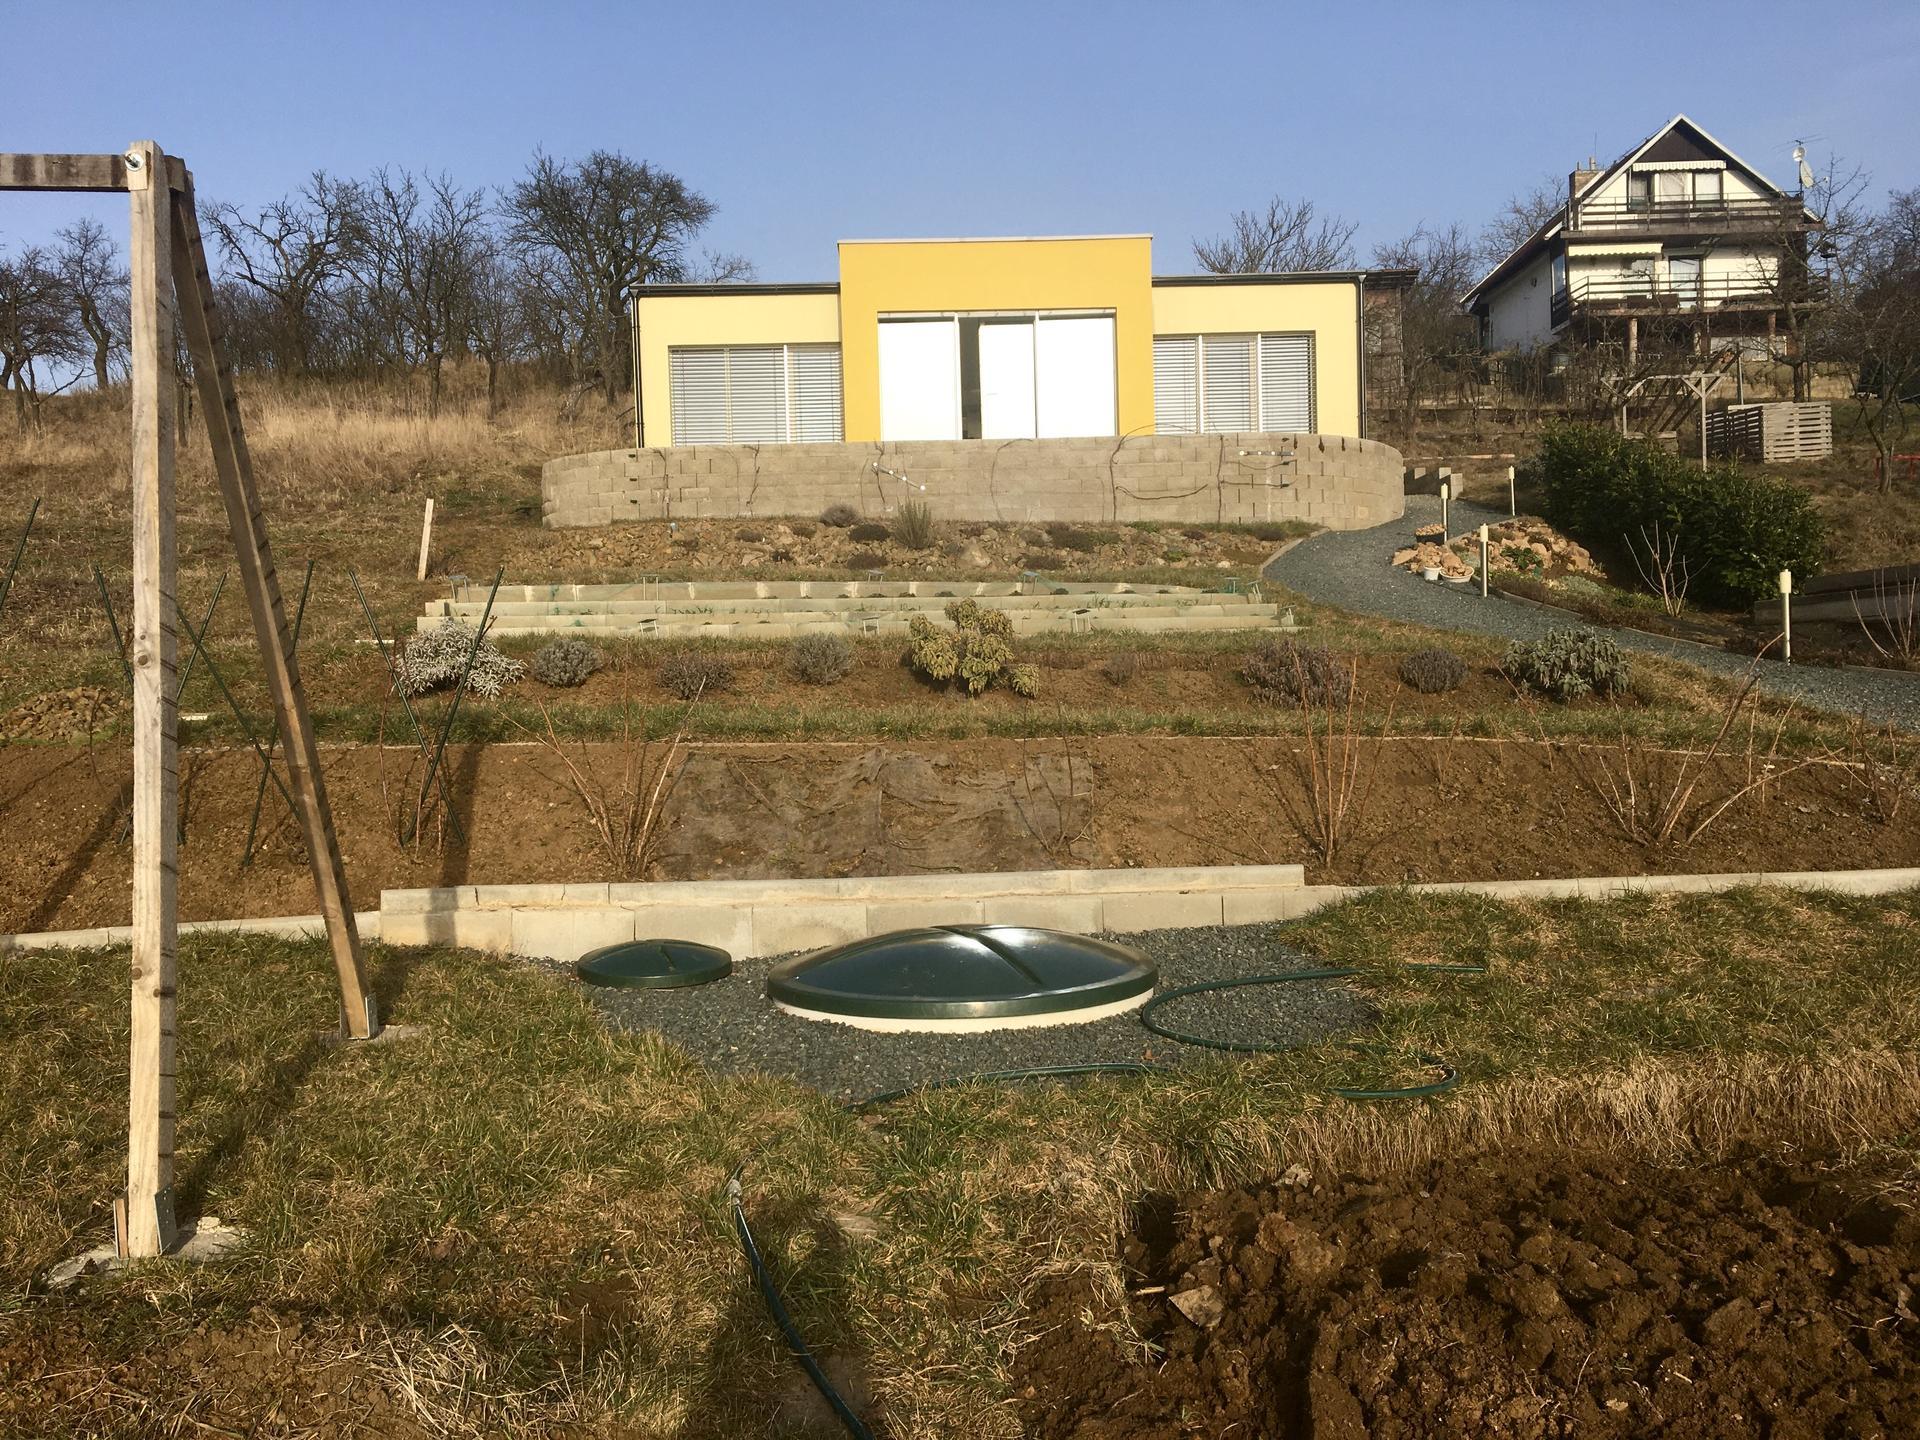 Skřítčí zahrada 2021 - Únor 2021 - zahrada se pomalu začíná probouzet